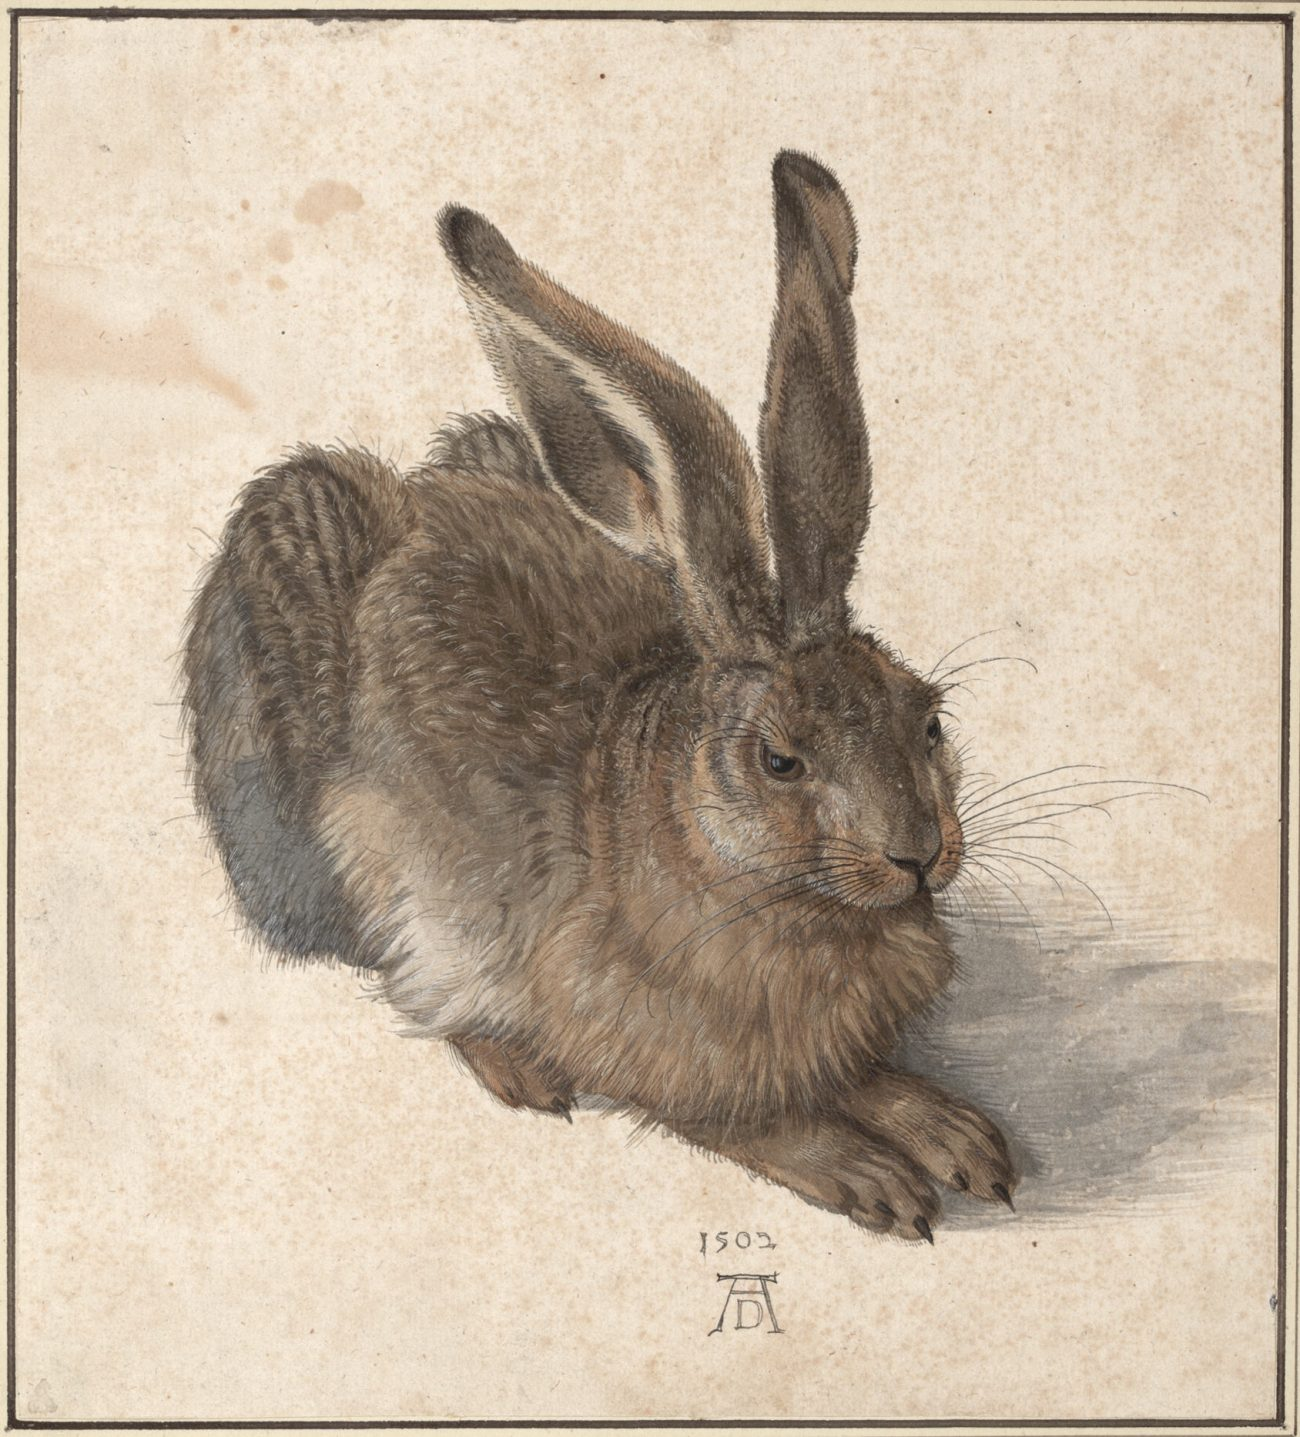 Albrecht Dürers Feldhase, Albrecht Dürer, Feldhase, Zeichnungen von Albrecht Dürer, Meisterwerke